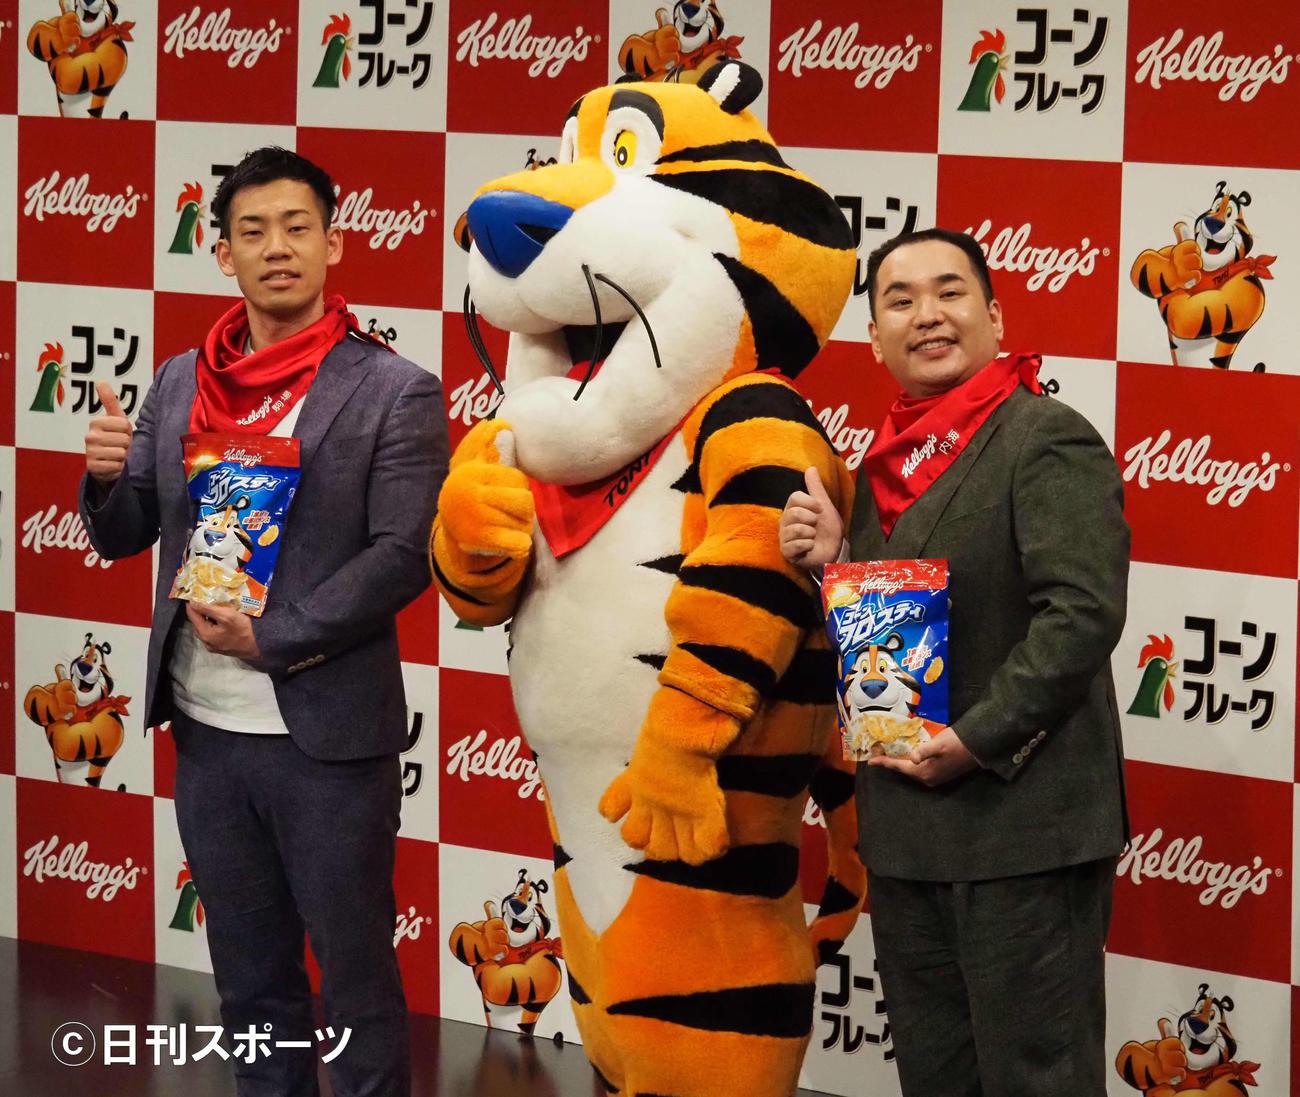 「ケロッグ公式応援サポーター」就任式に出席したミルクボーイの駒場孝(左)と内海崇。中央はケロッグのキャラクター、トニー・ザ・タイガー(撮影・遠藤尚子)